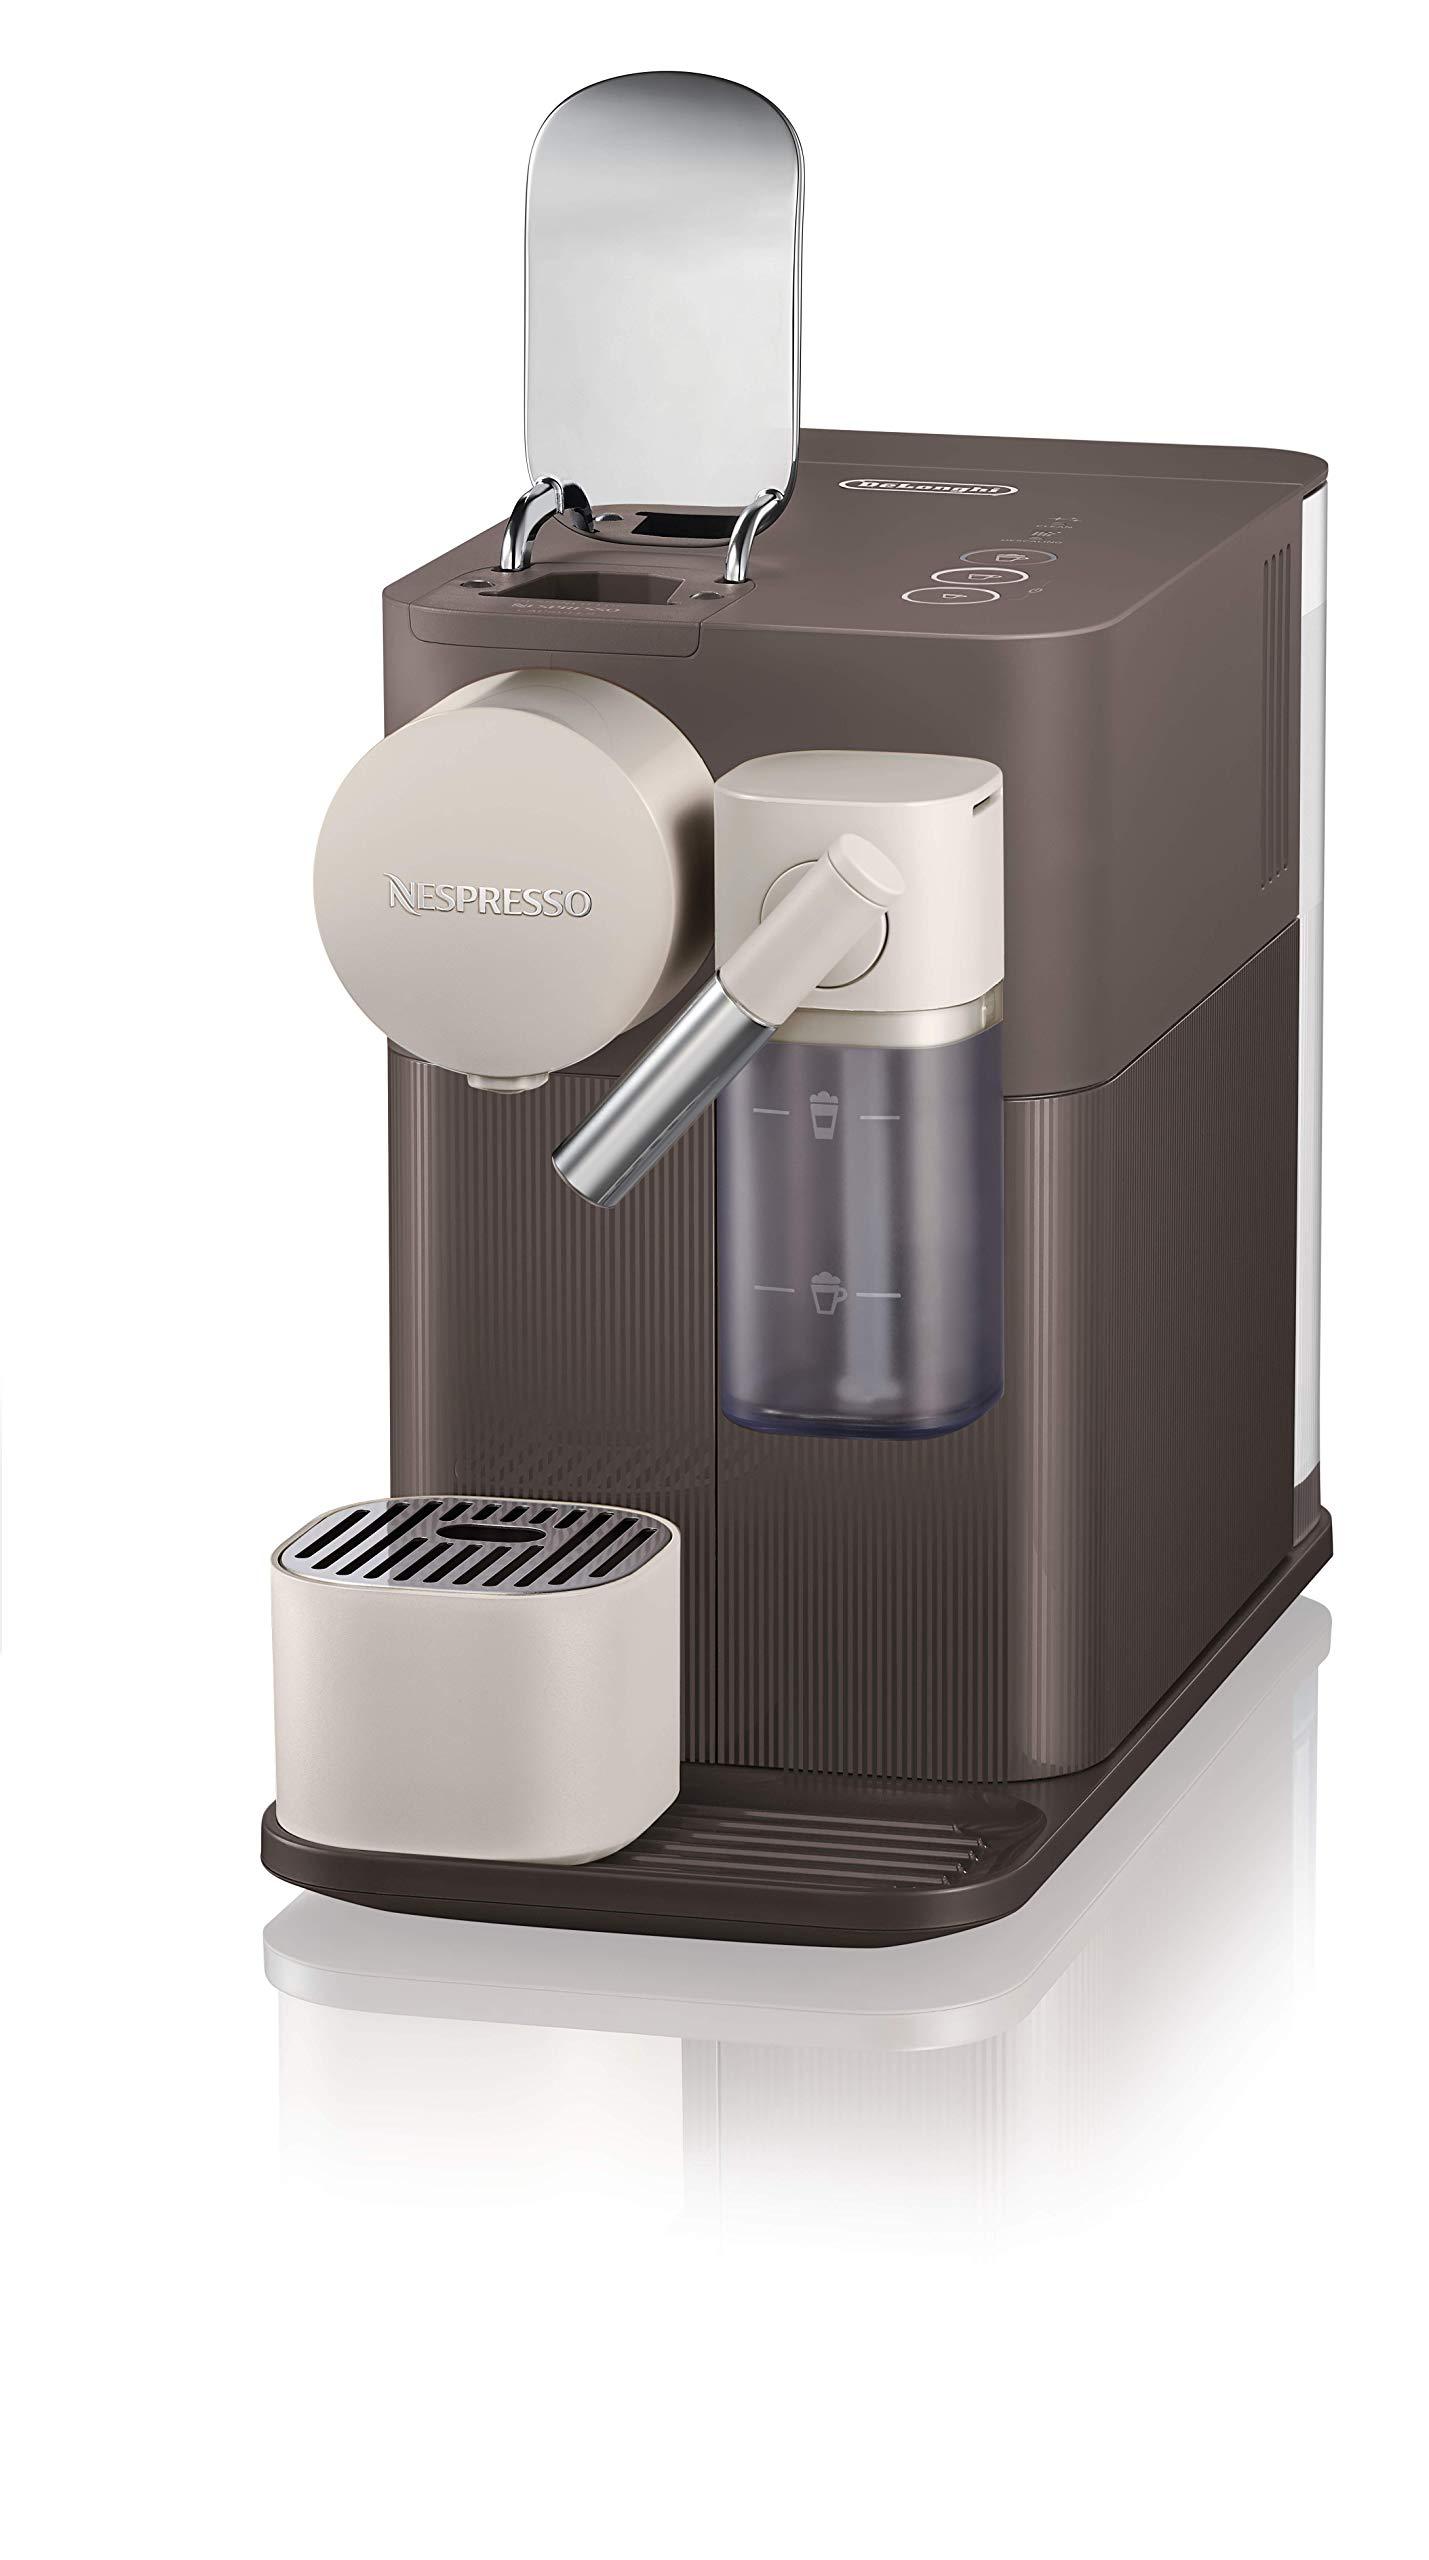 Nespresso EN500BW DeLonghi Lattissima One - Cafetera monodosis de cápsulas Nespresso con depósito de leche compacto, 19 bares, apagado automático, color moccha marrón 15x32x26cm: Amazon.es: Hogar